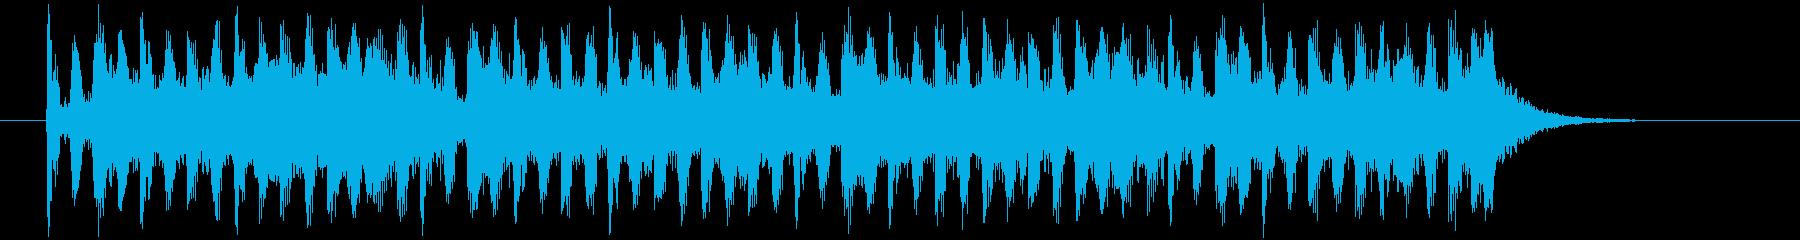 強めのドラムスがかっこいいロックの再生済みの波形